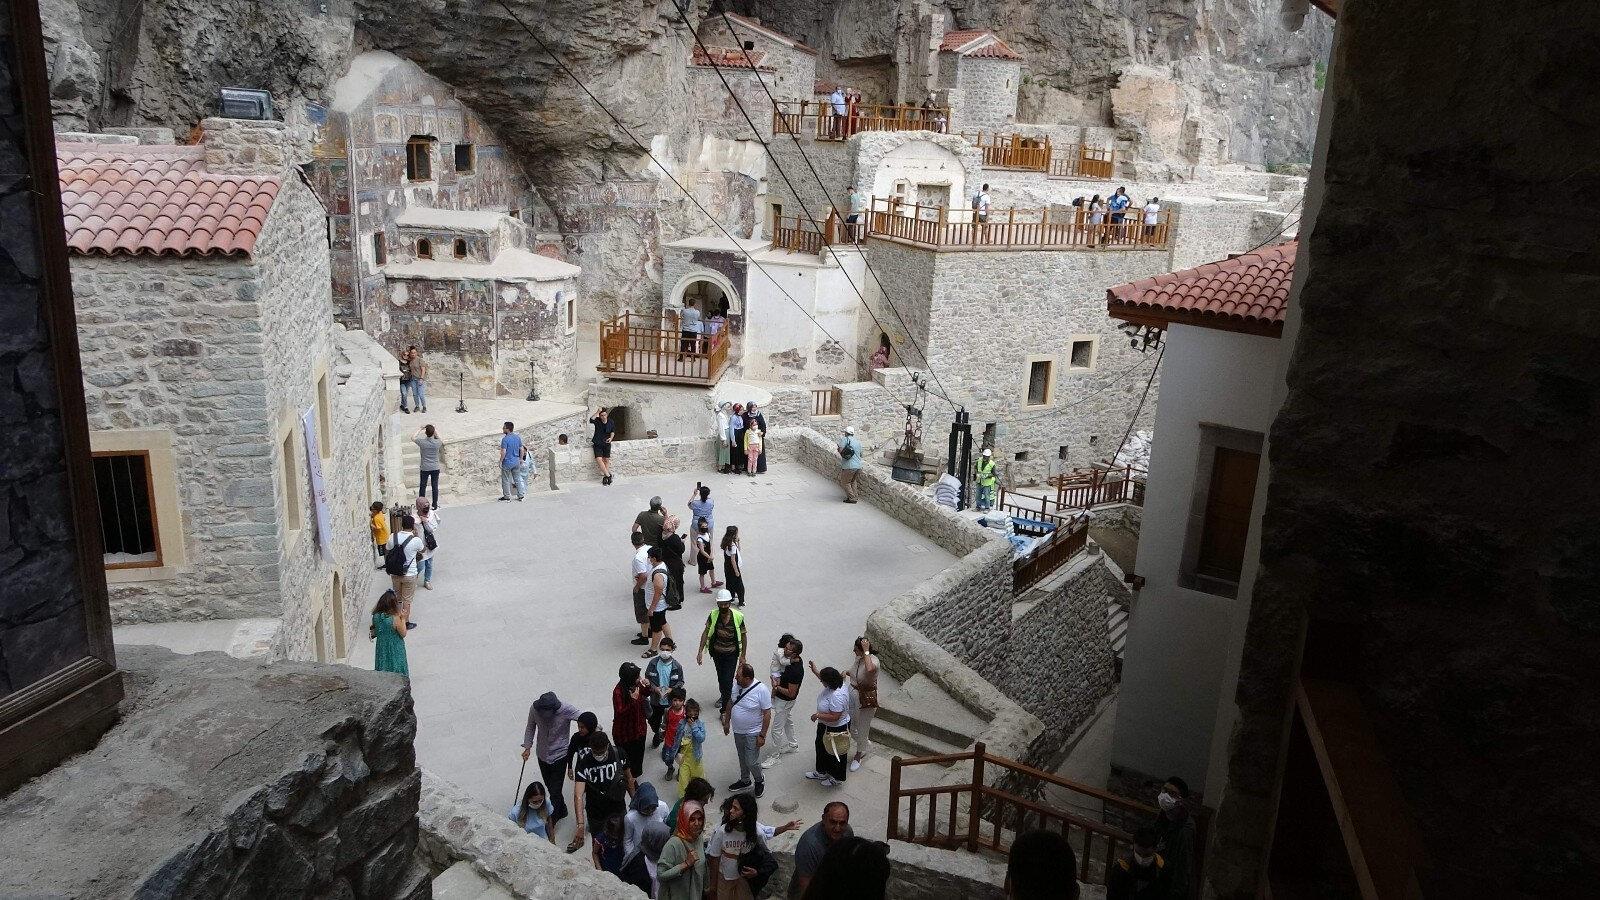 Sümela Manastırı'na restorasyon çalışmalarının tamamlanmasının ardından ziyaretçi akını yaşanıyor.